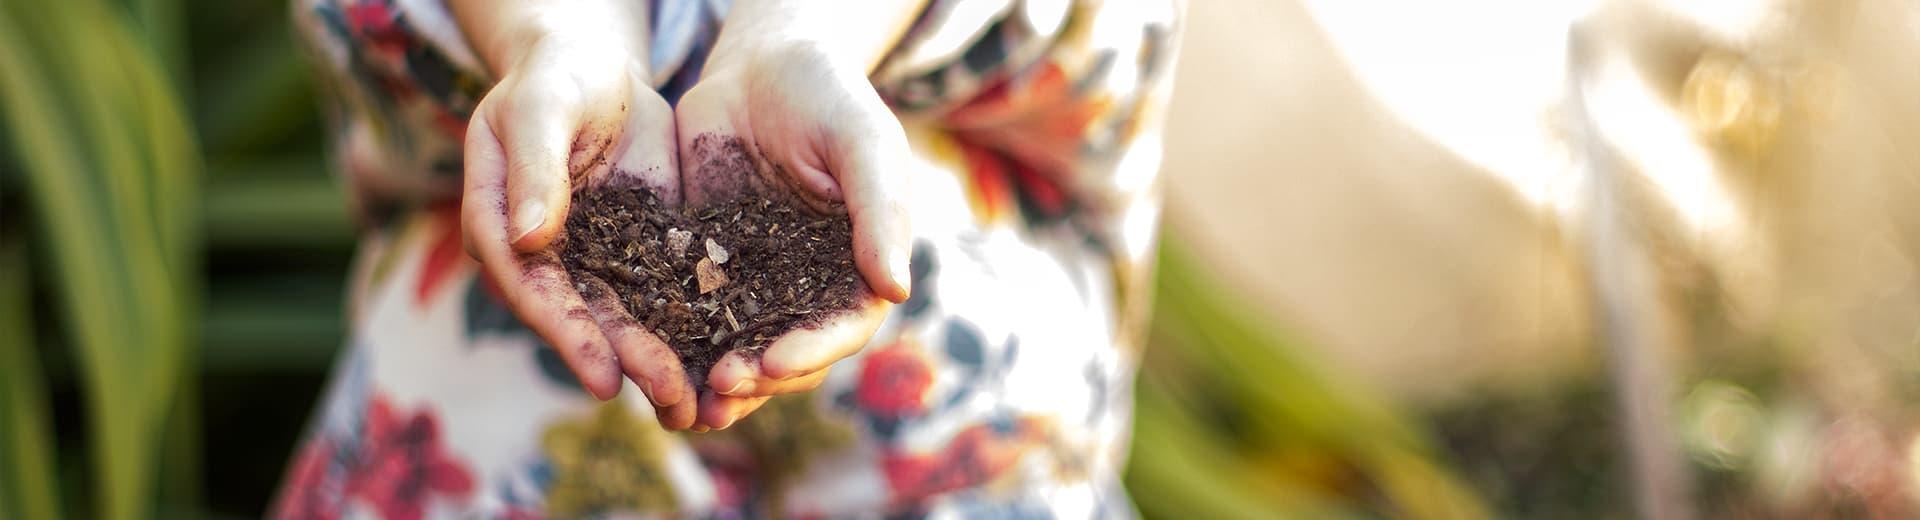 Agroecología en Córdoba: ¿Cómo producen quienes eligen ser sustentables?